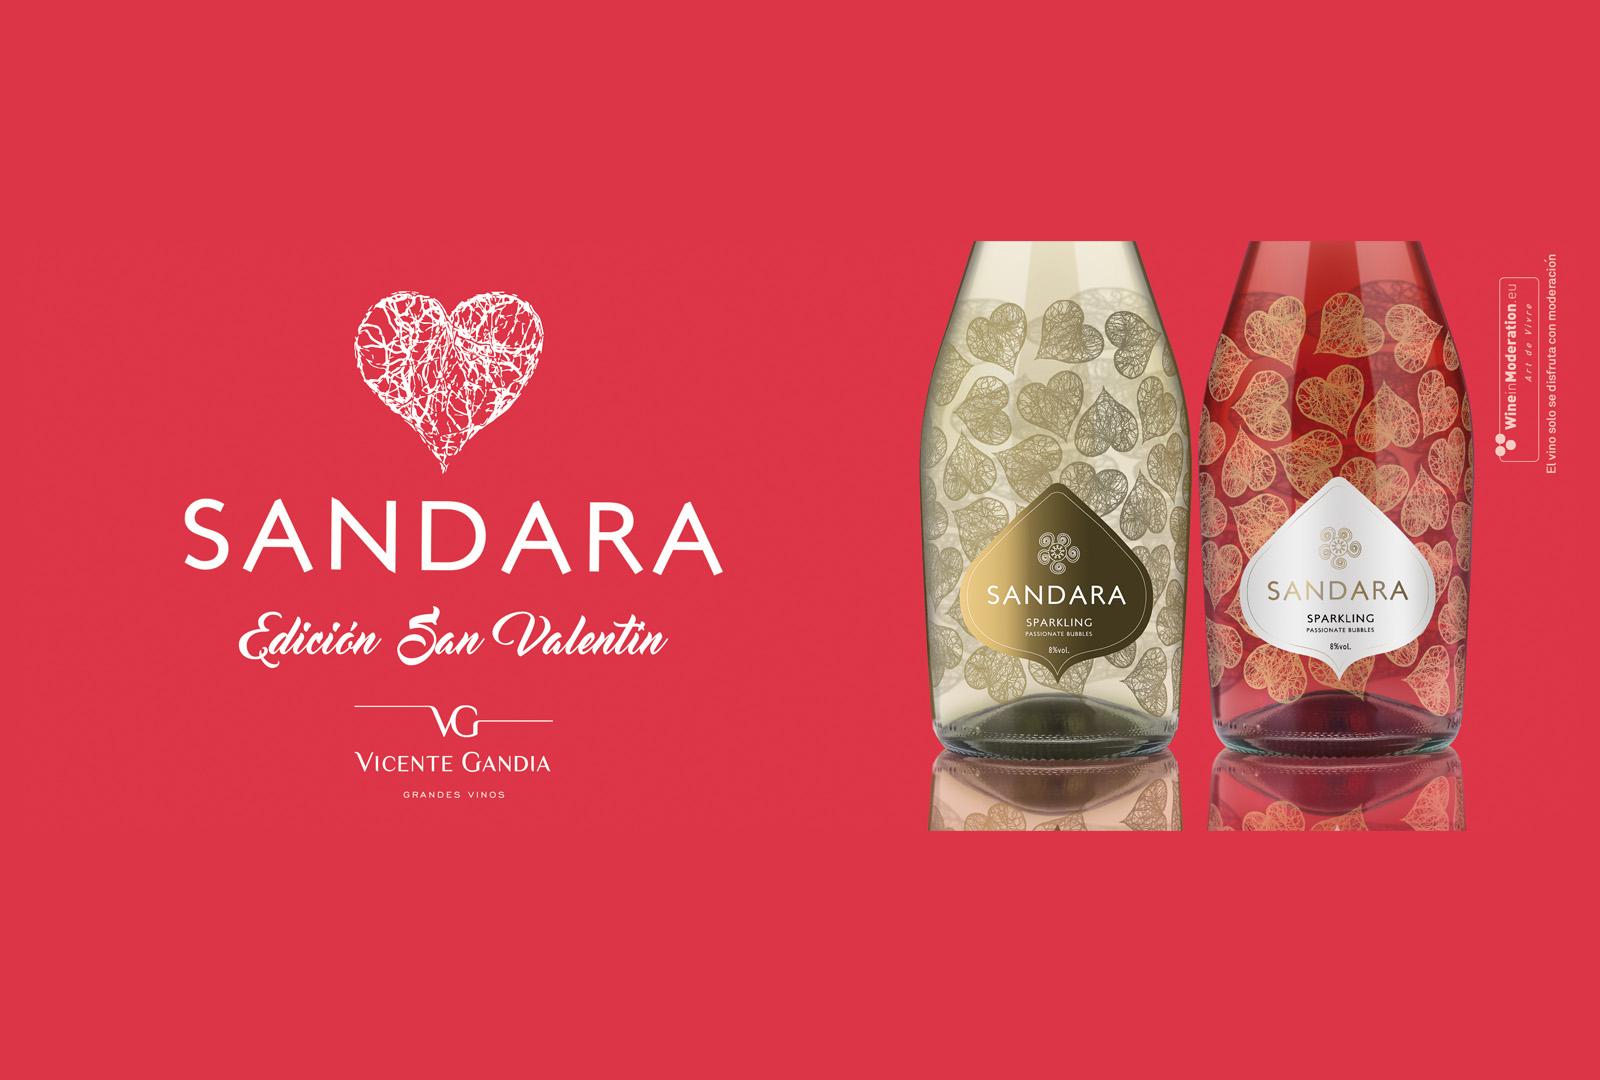 Sandara edición limitada San Valentín, Bodegas Vicente Gandía.